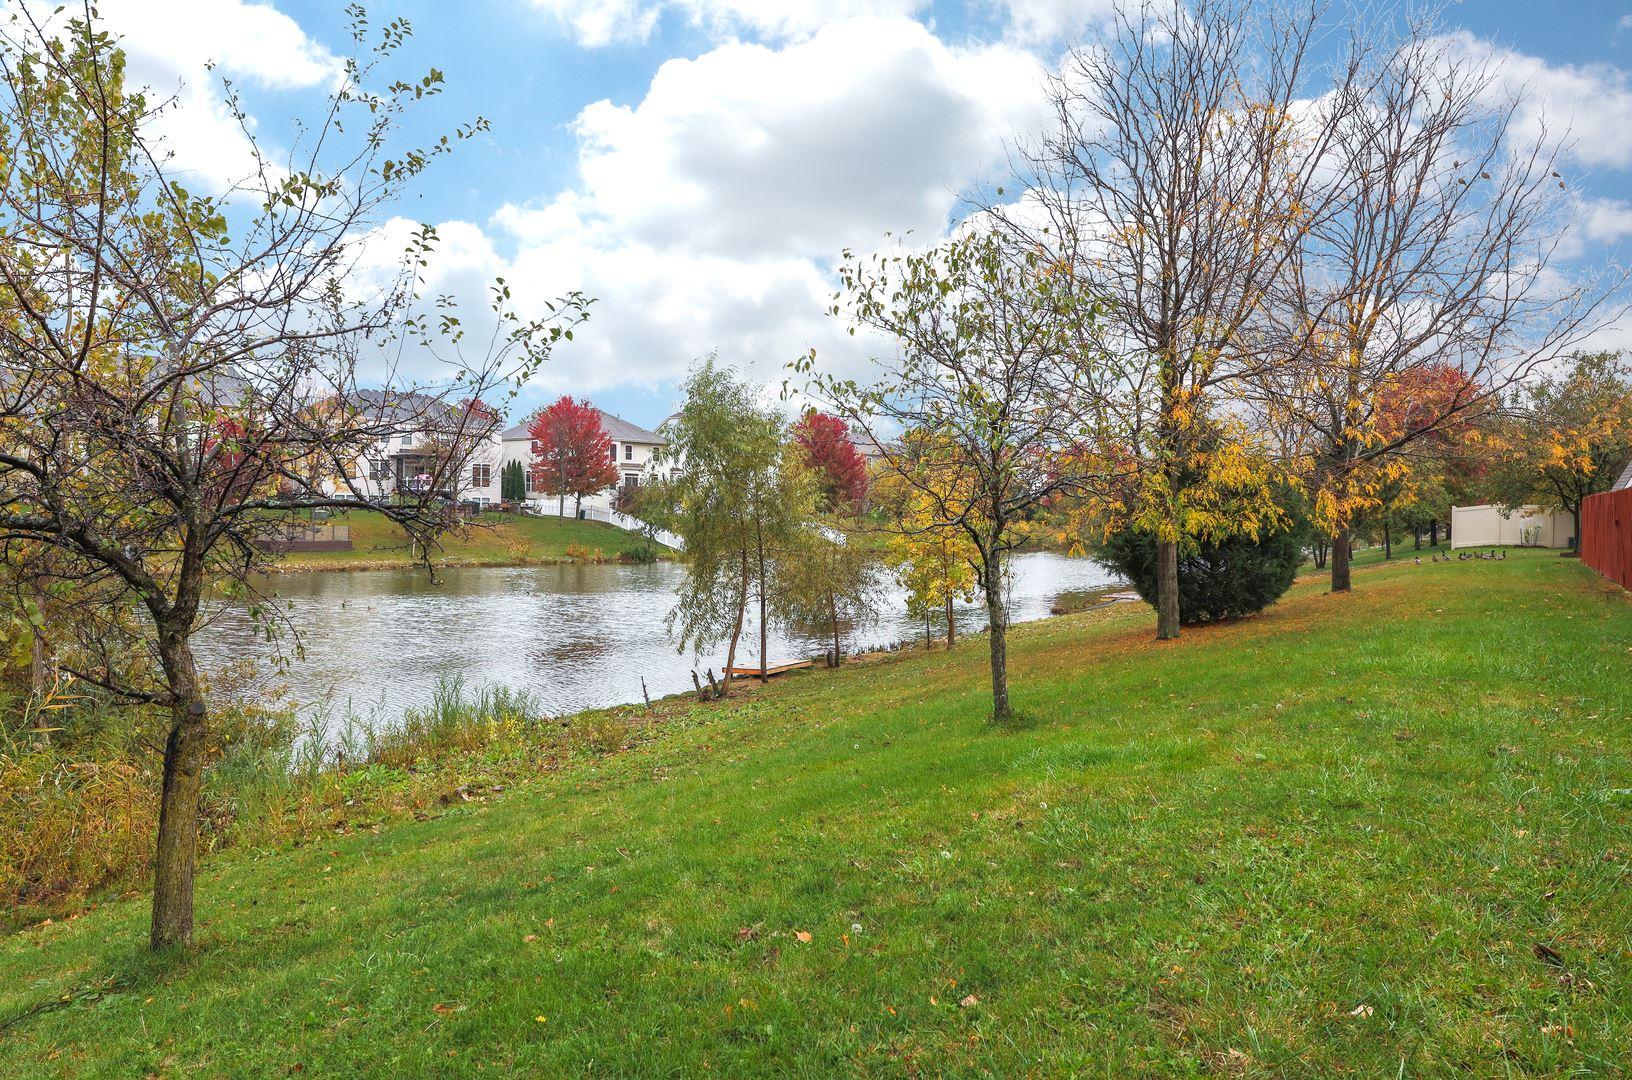 Photo of 324 Homewood Drive, Bolingbrook, IL 60440 (MLS # 10913077)